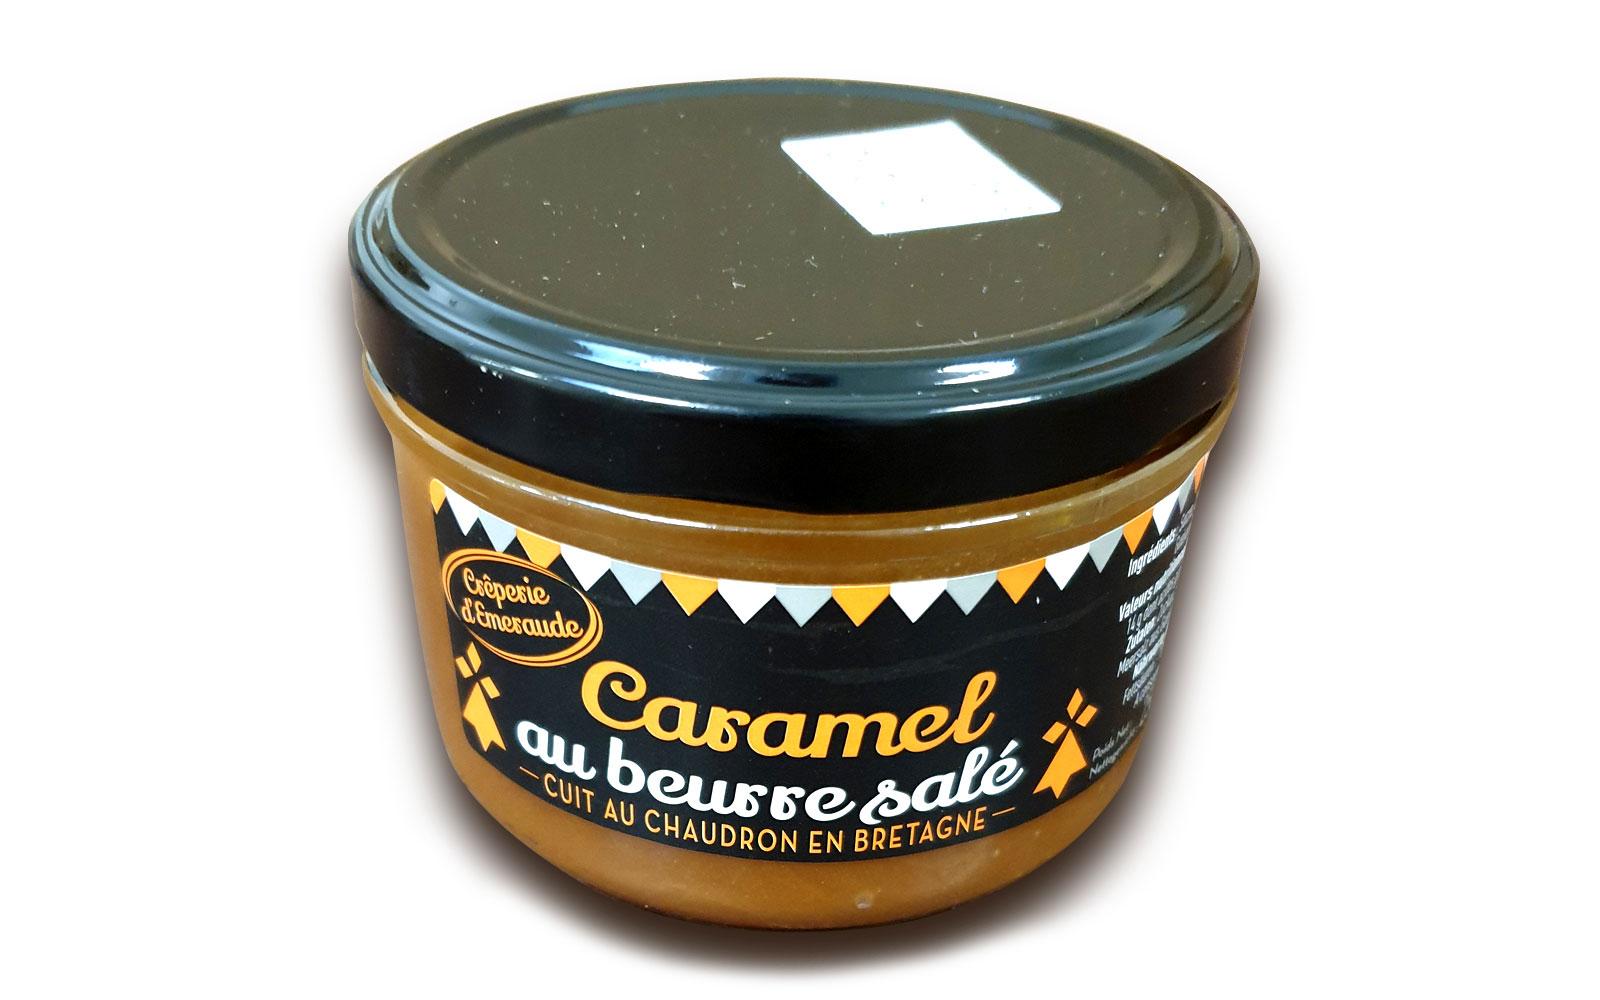 yann de bretagne caramel beurre sale chaudron